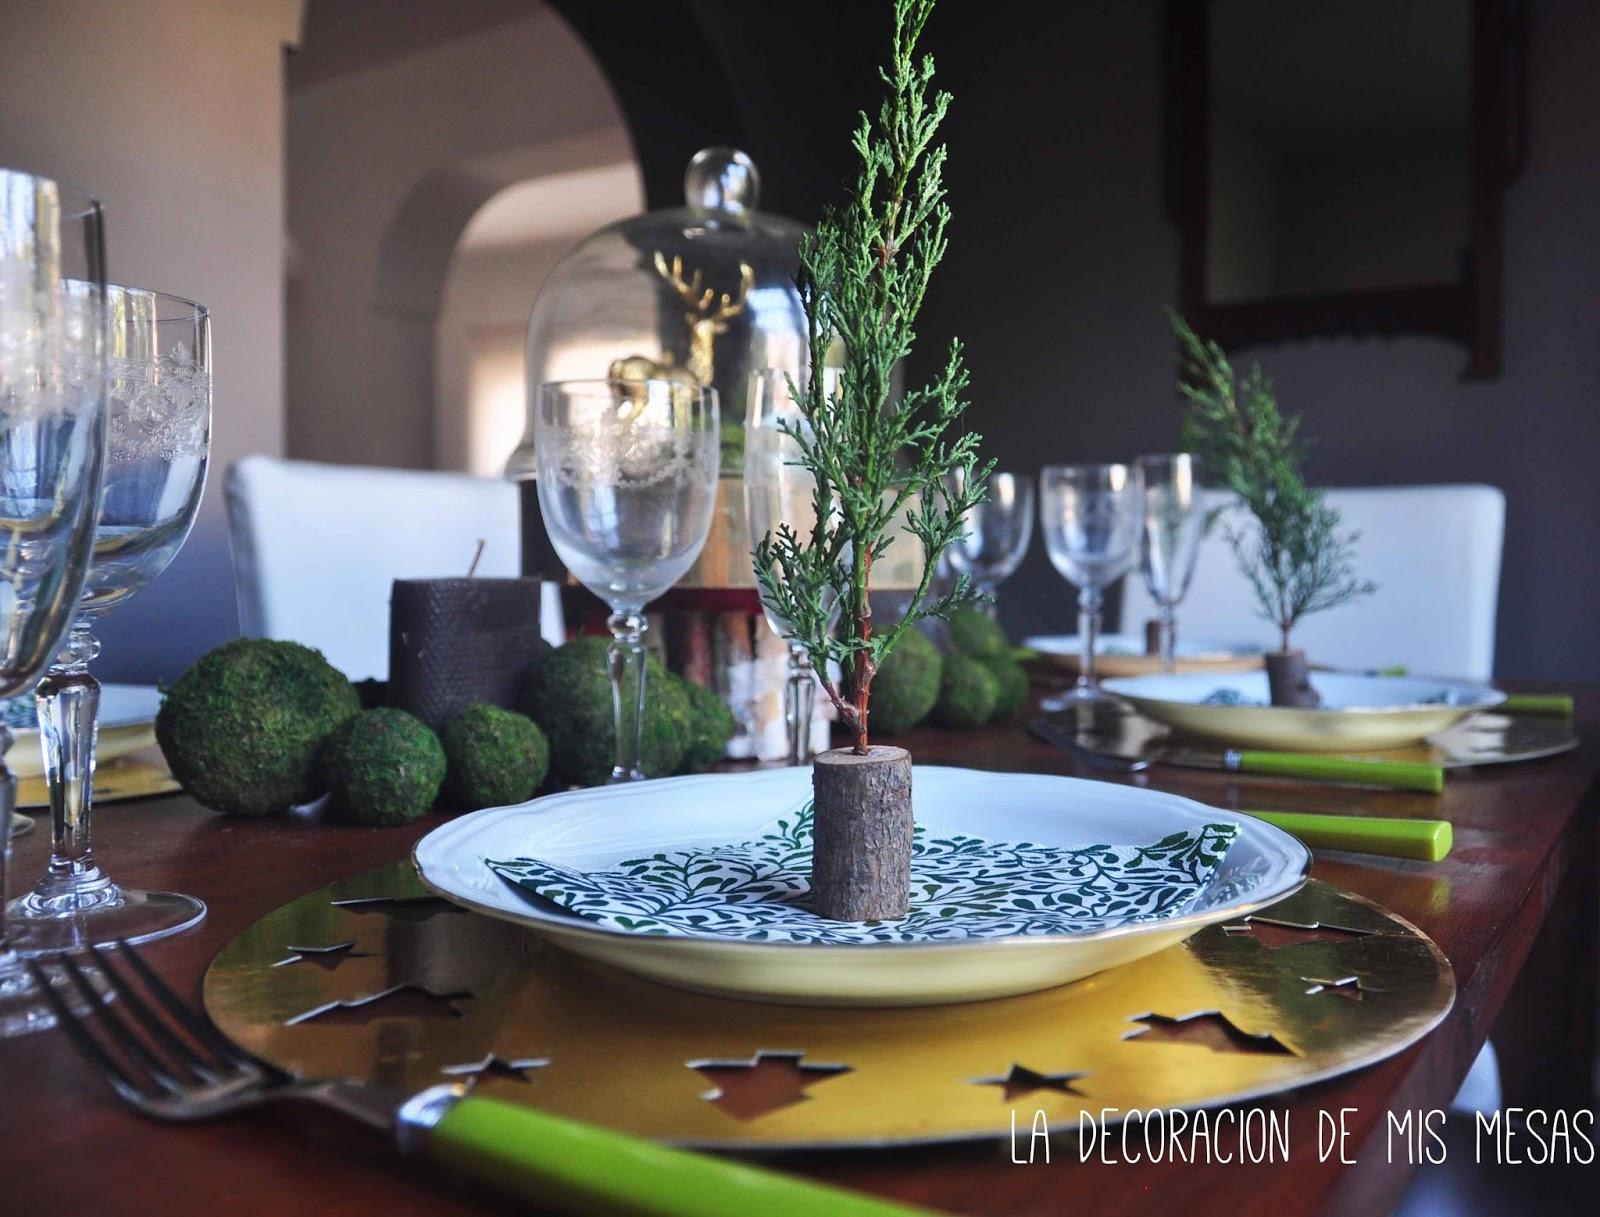 Navidad Decoracion Mesa ~ la decoraci?n de mis mesas Decoracion Mesa de Navidad 2015